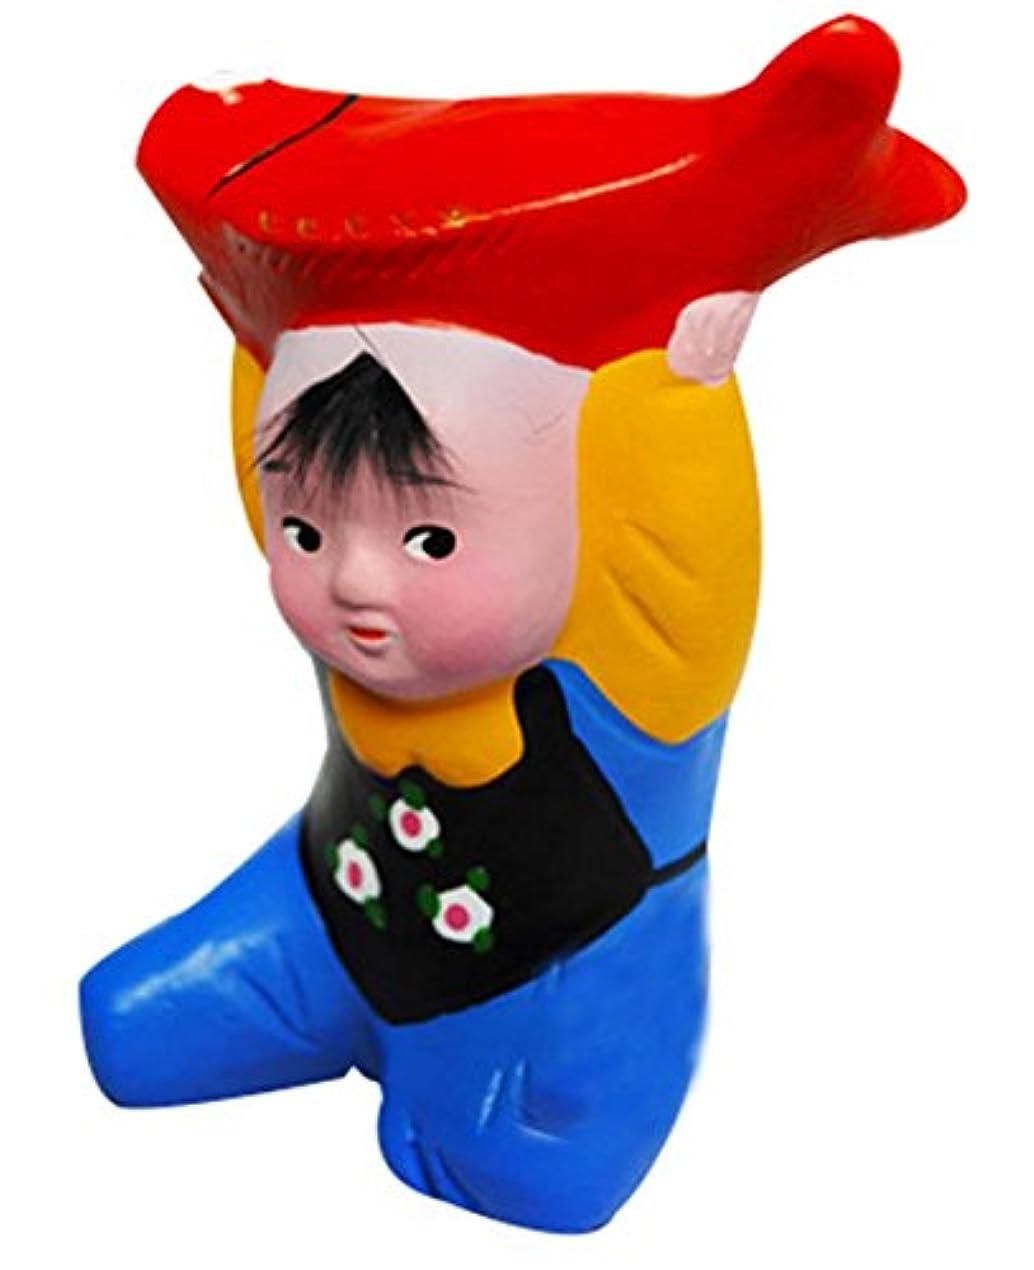 九月軽蔑するブルパーソナライズクレイホームデコレーション中国の粘土人形おもちゃ